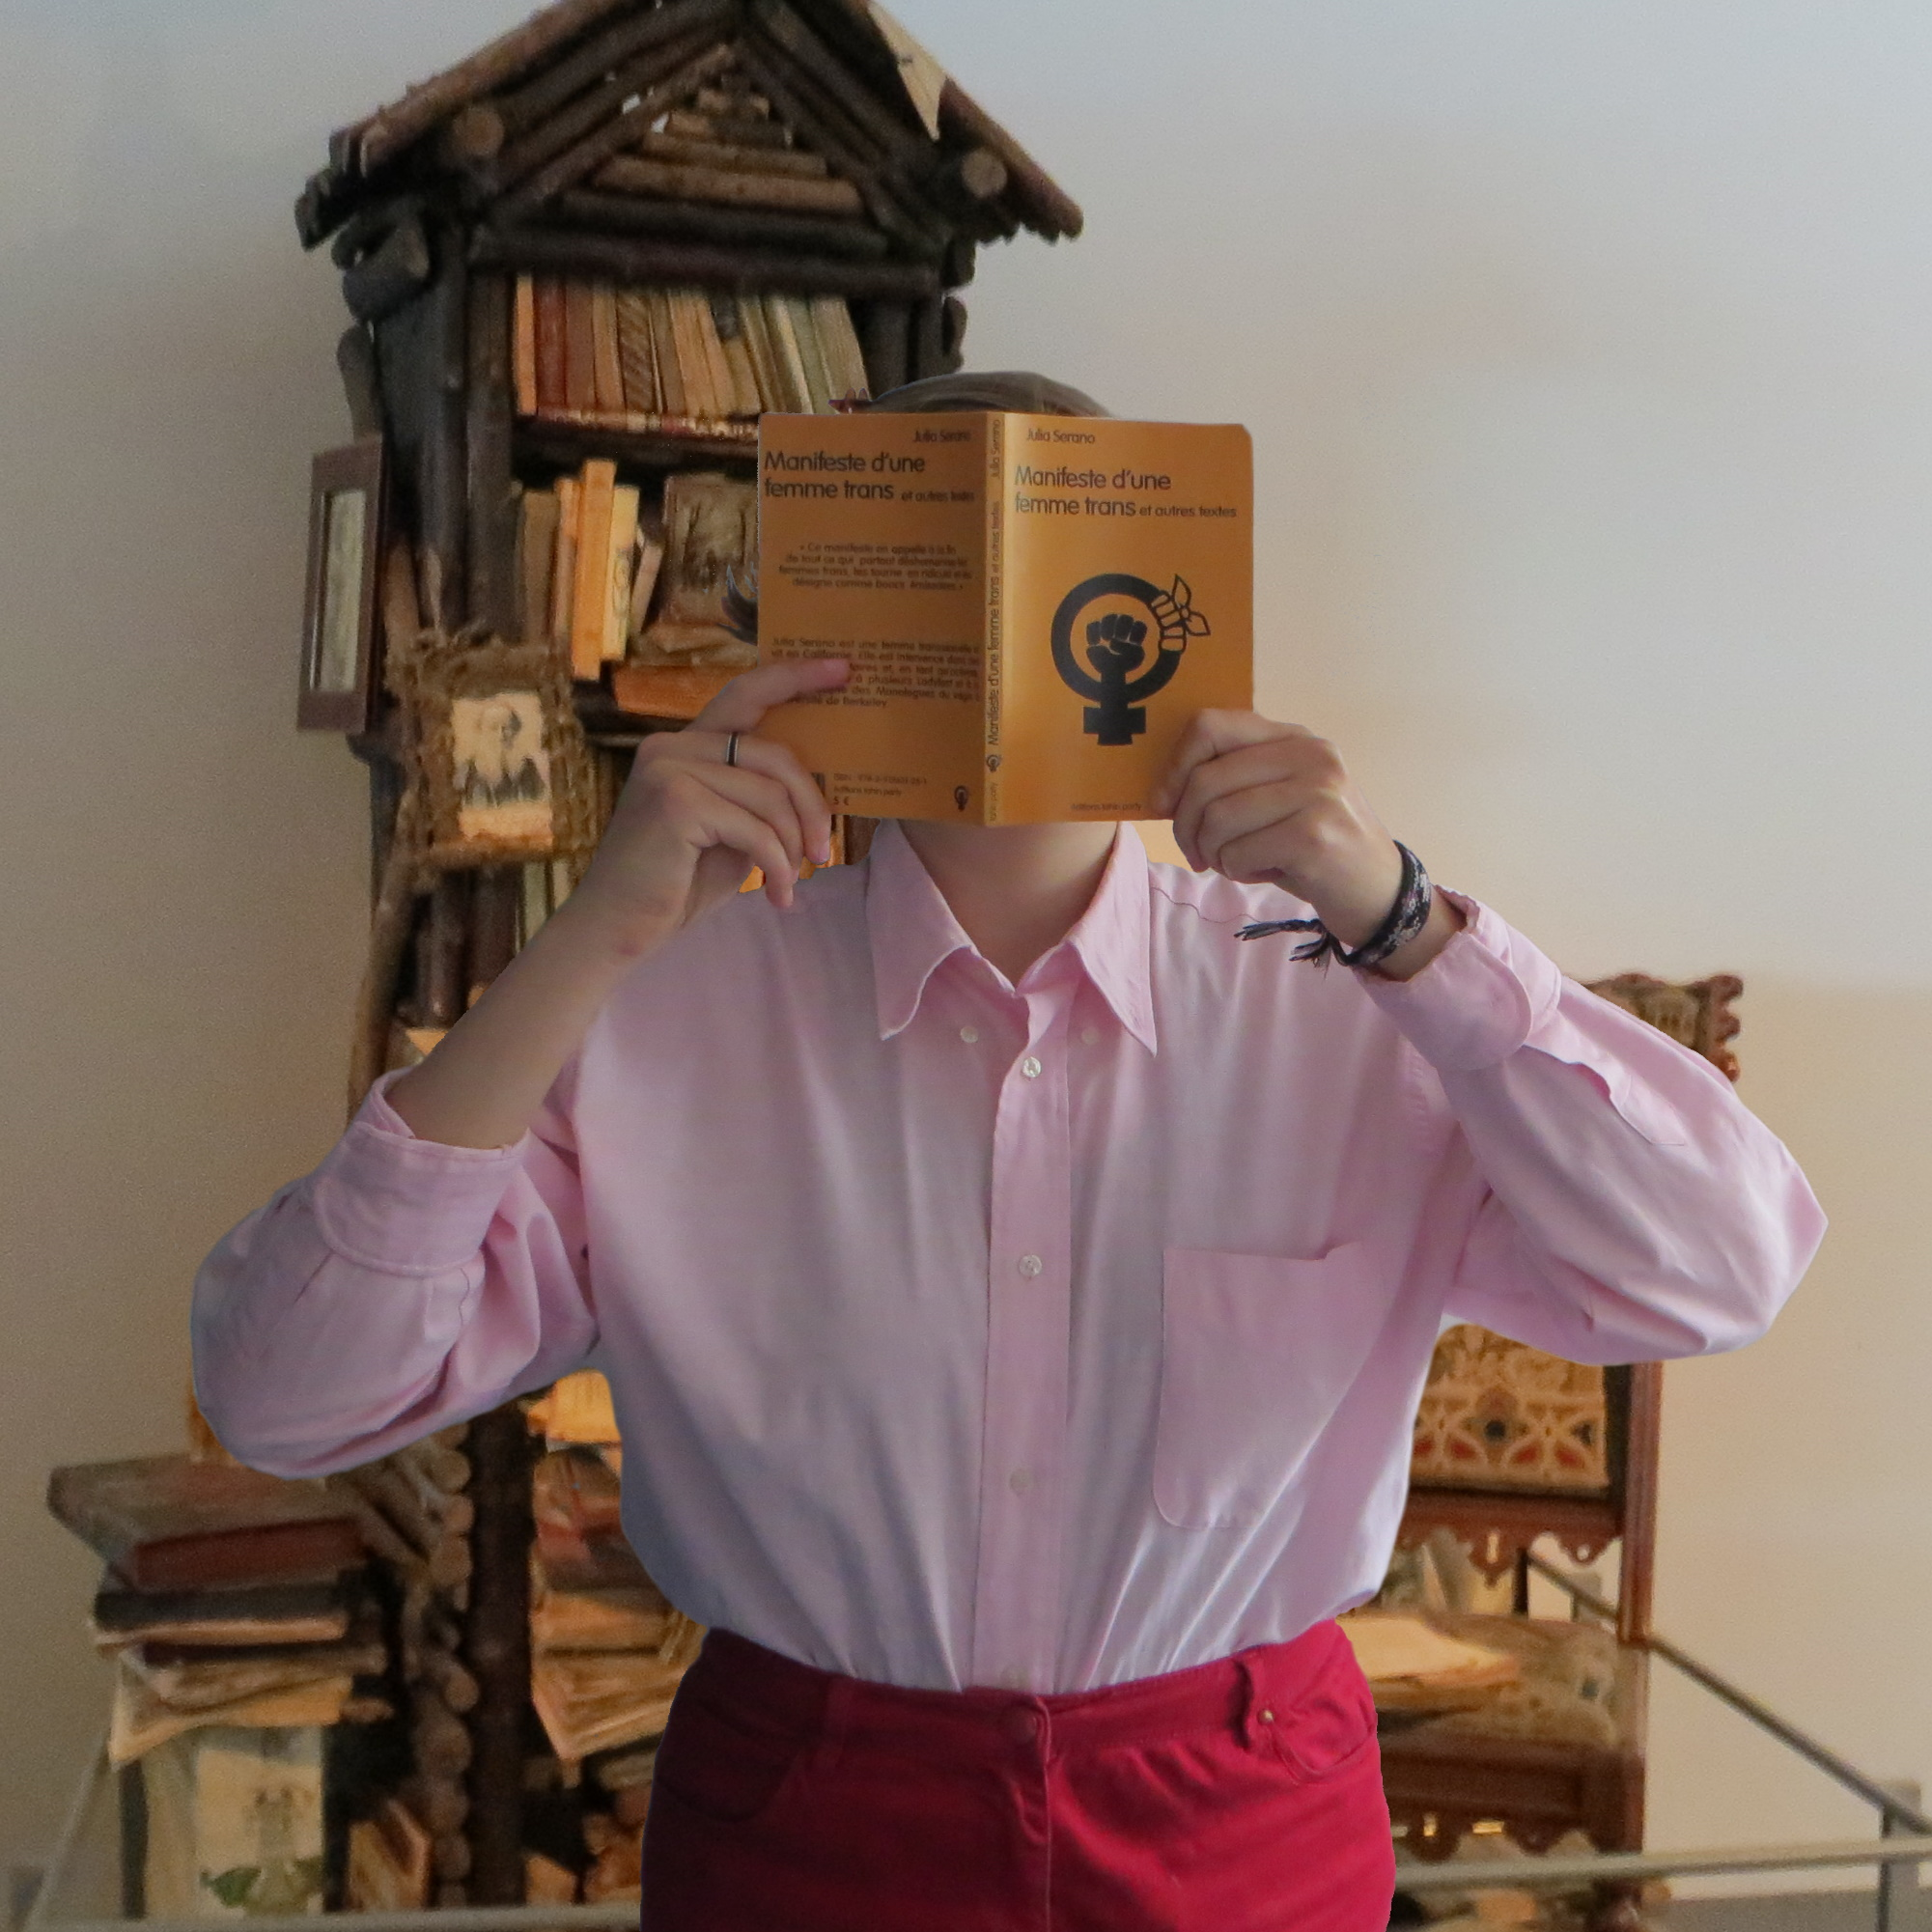 personne en chemise lisant Manifeste d'une femme trans et autres textes de Julia Serano devant une étagère de bois remplie de grimoires